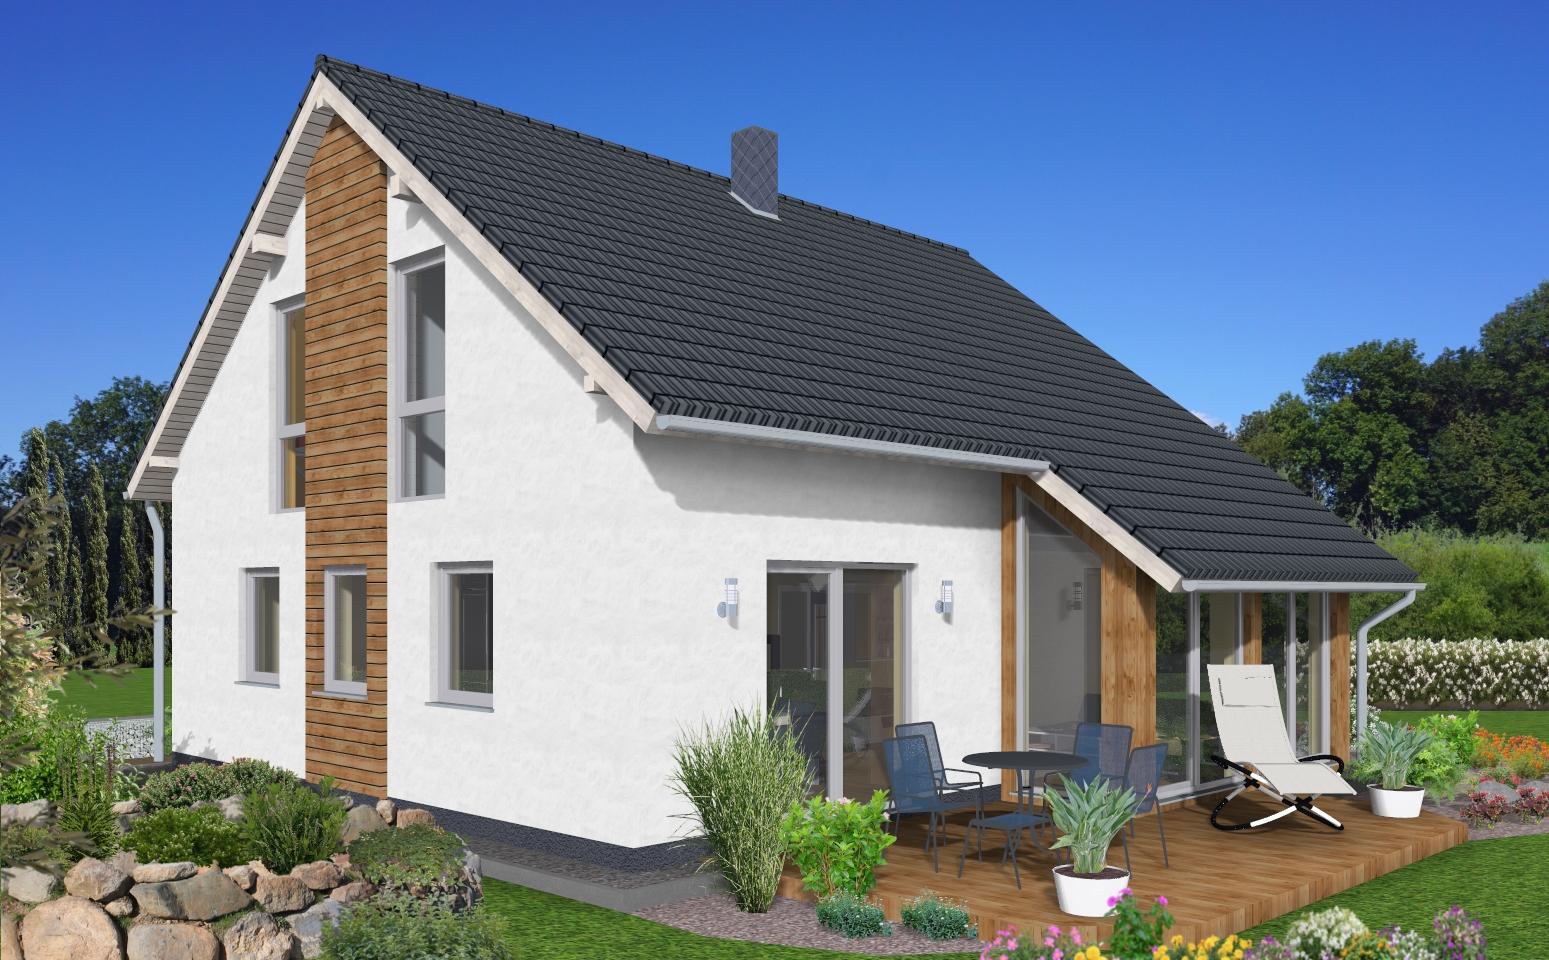 Einfamilienhaus 1 080 wapelhorst planen und bauen möhnesee